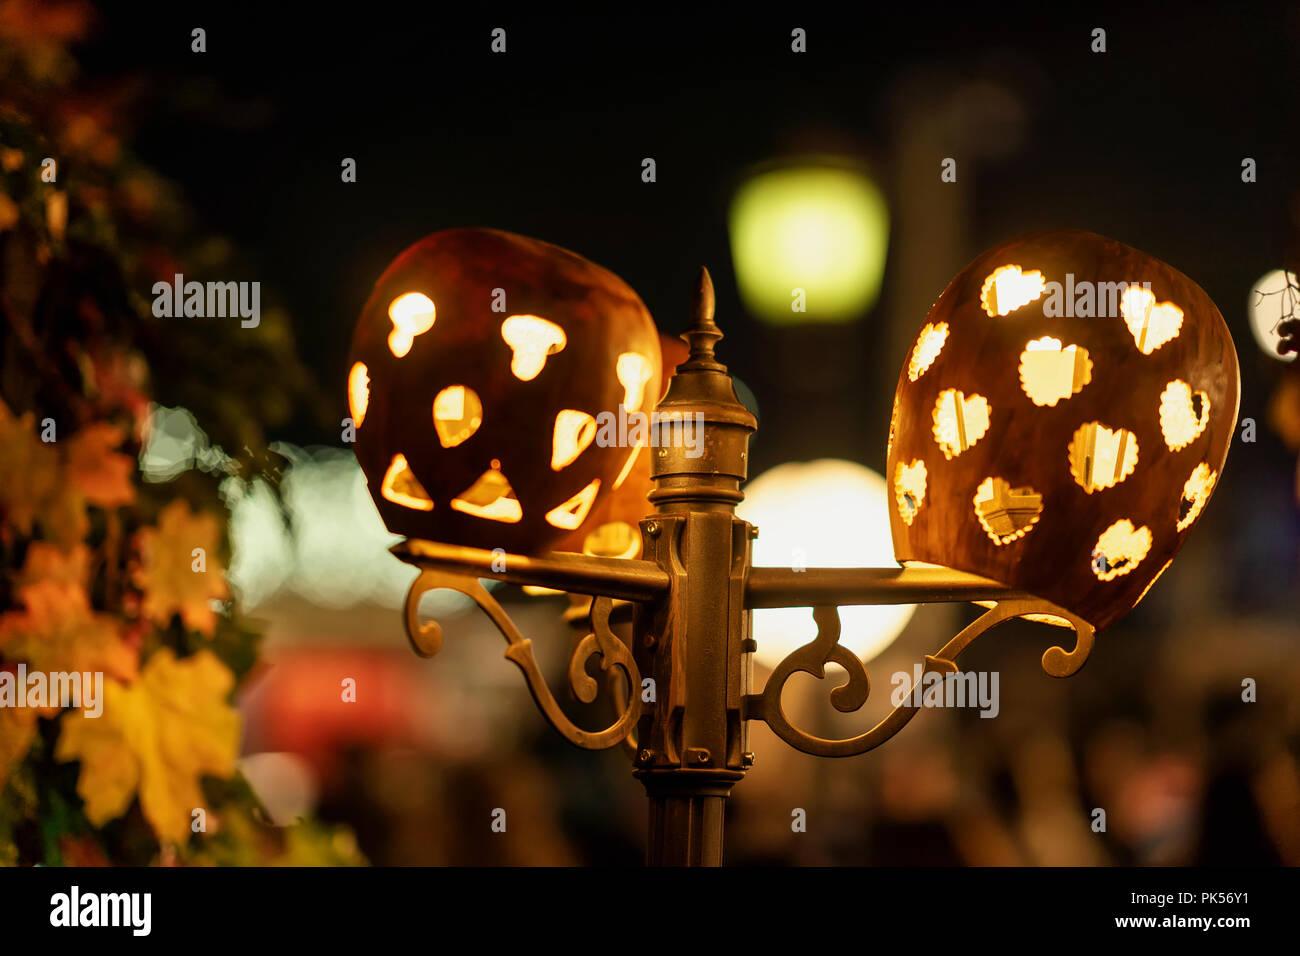 Vacanze di illuminazione elettrica strada lampada decorata con